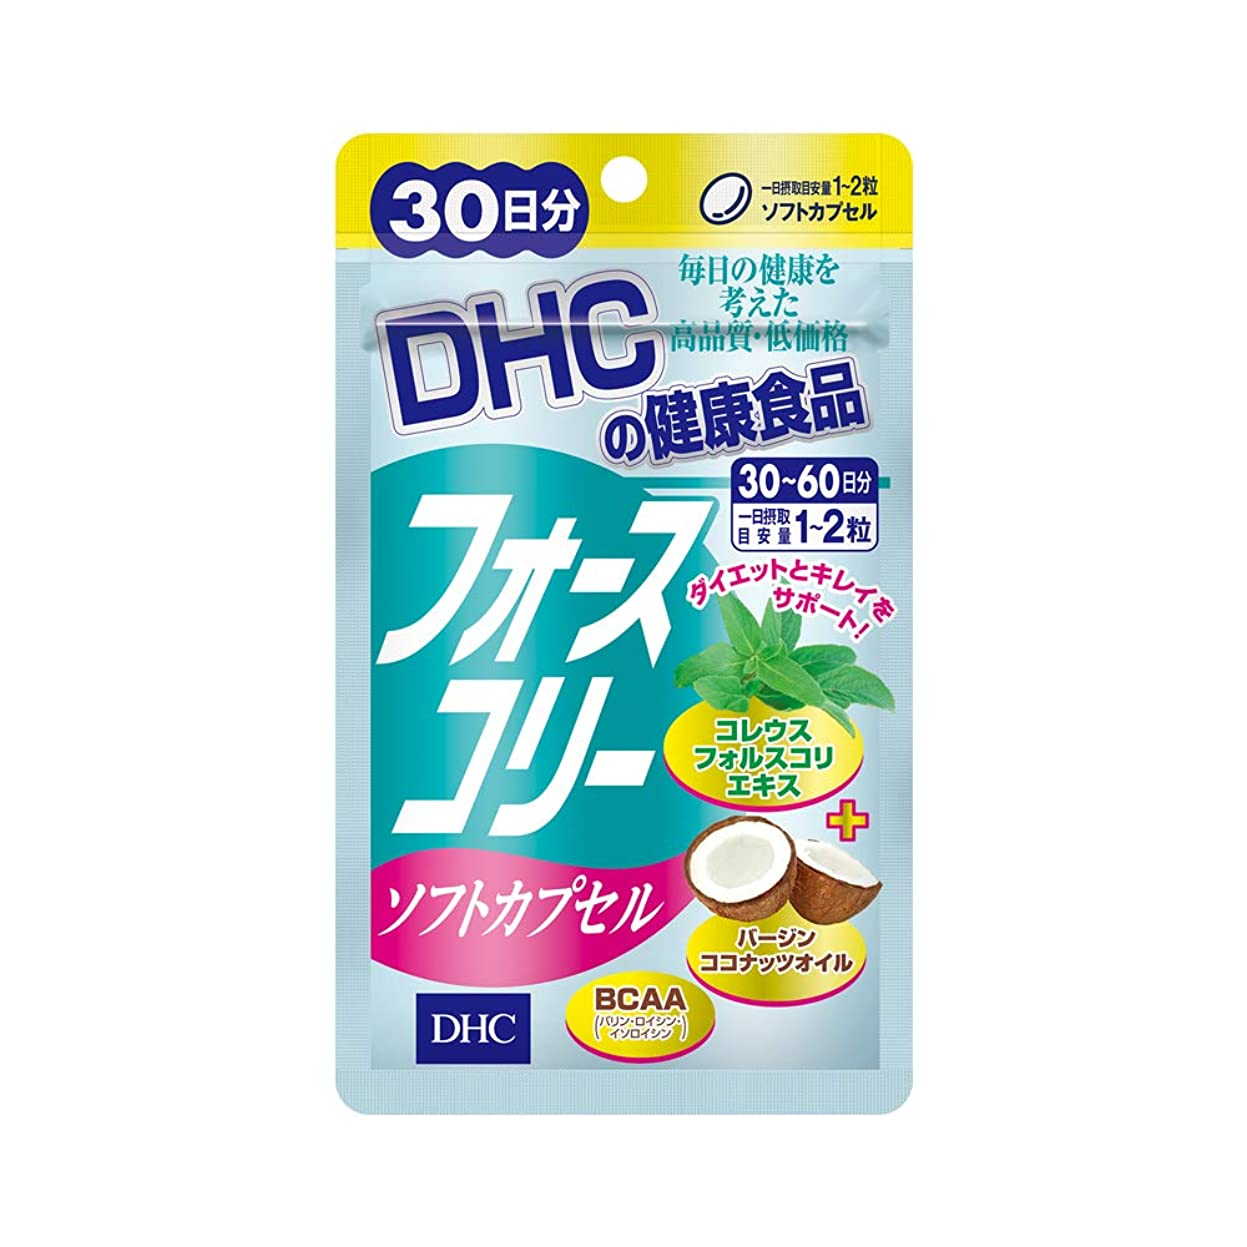 バリー韓国語韓国語DHC フォースコリー ソフトカプセル 30日分